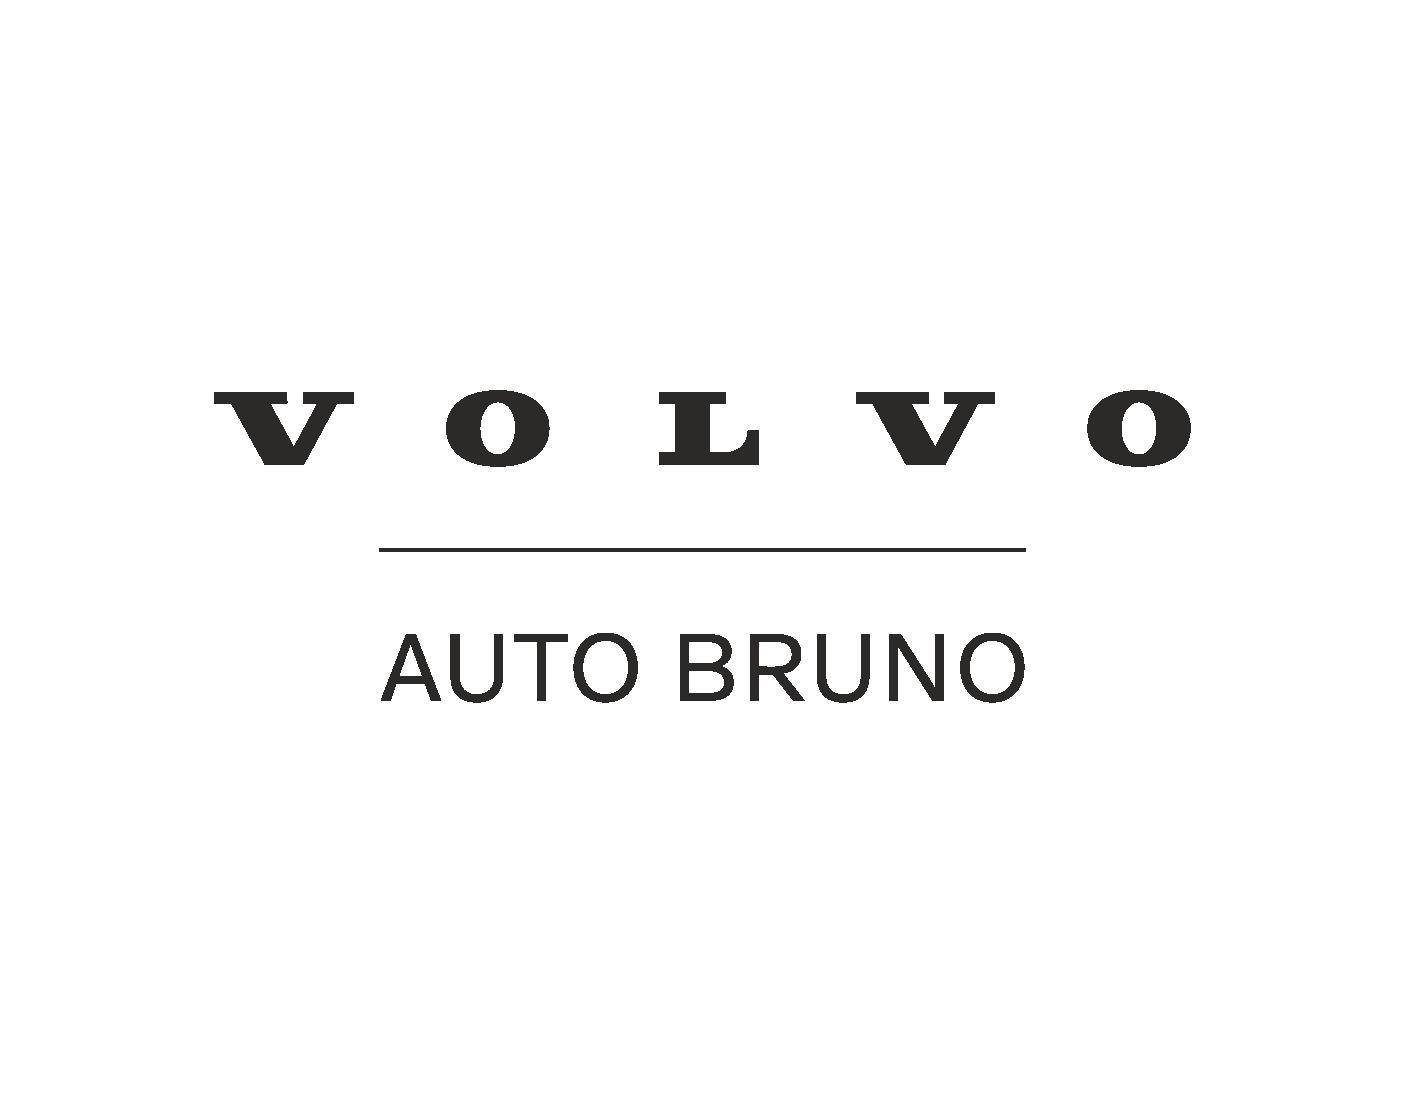 Auto Bruno Volvo